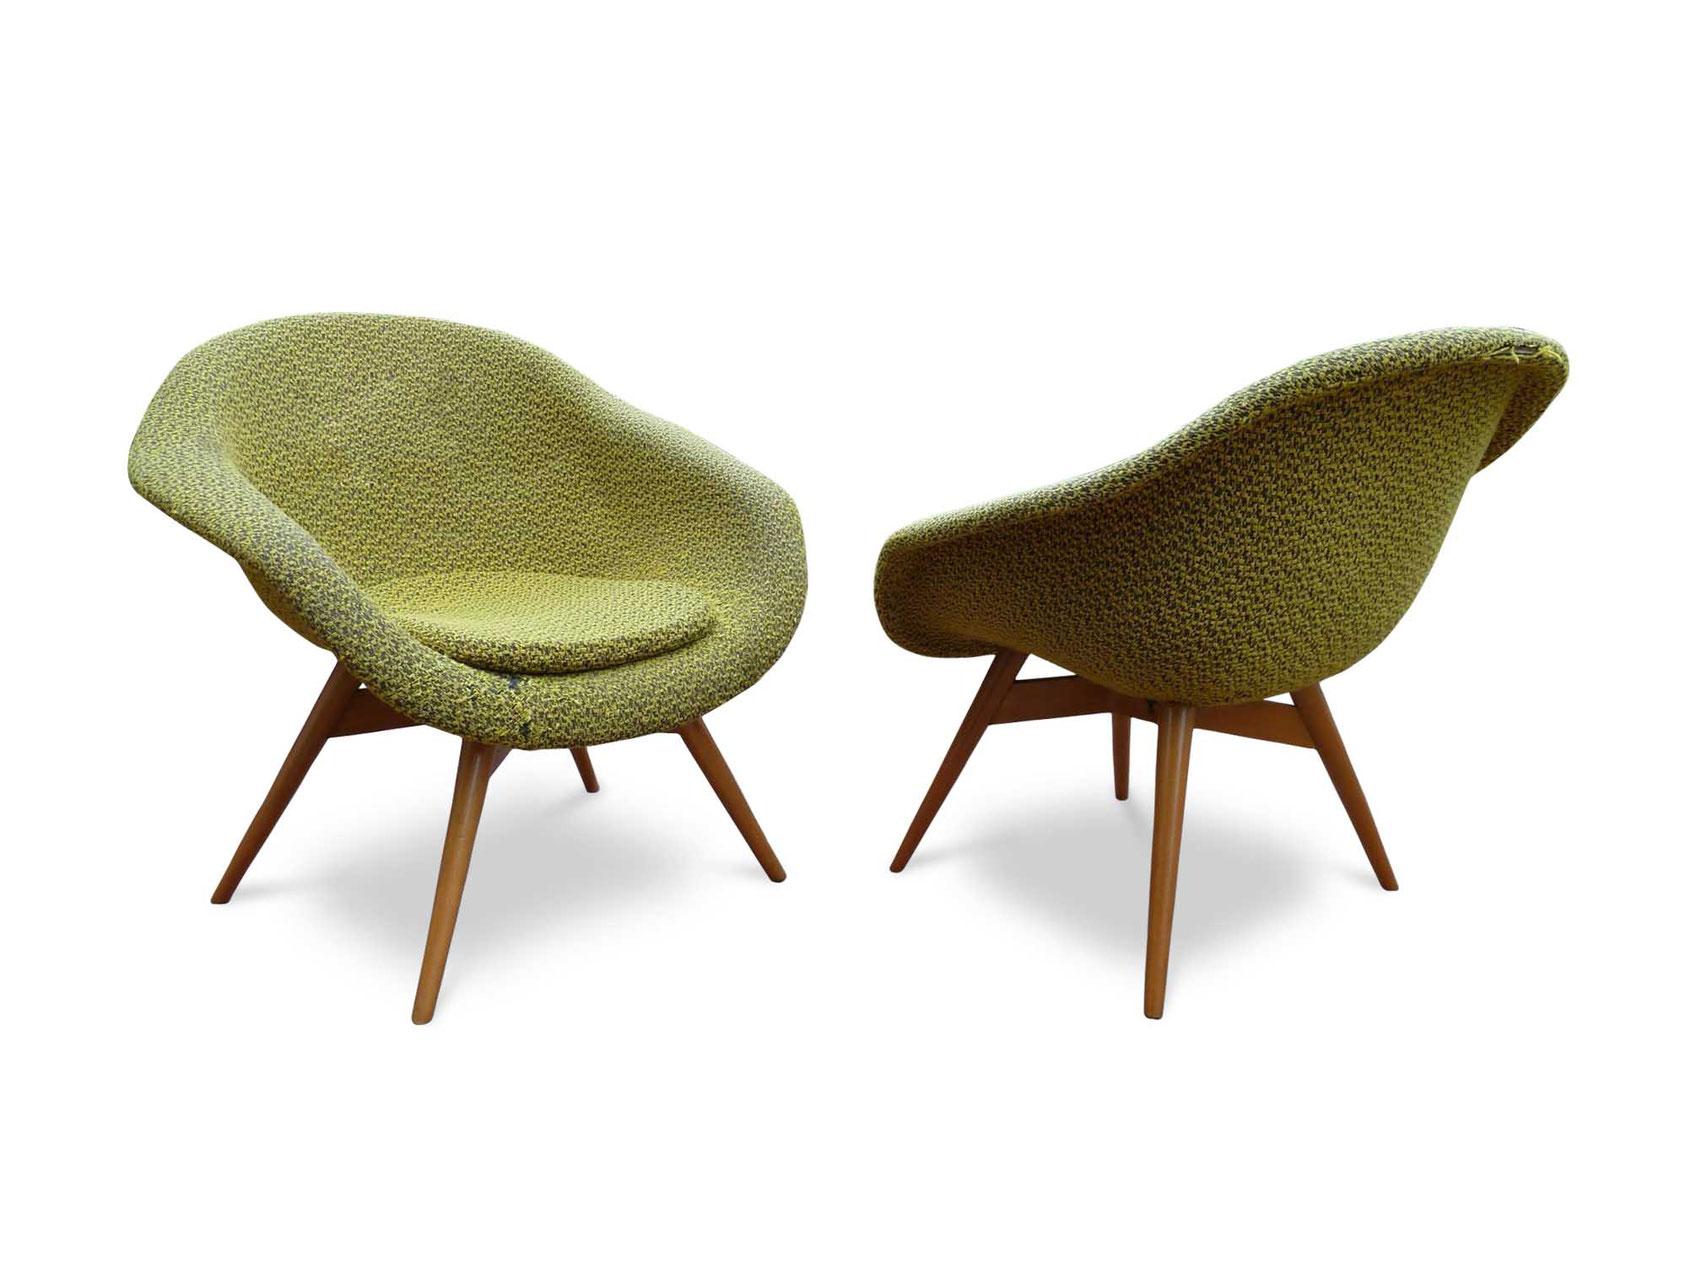 Grancasa mobili per esterno design casa creativa e for Vendita mobili ikea usati